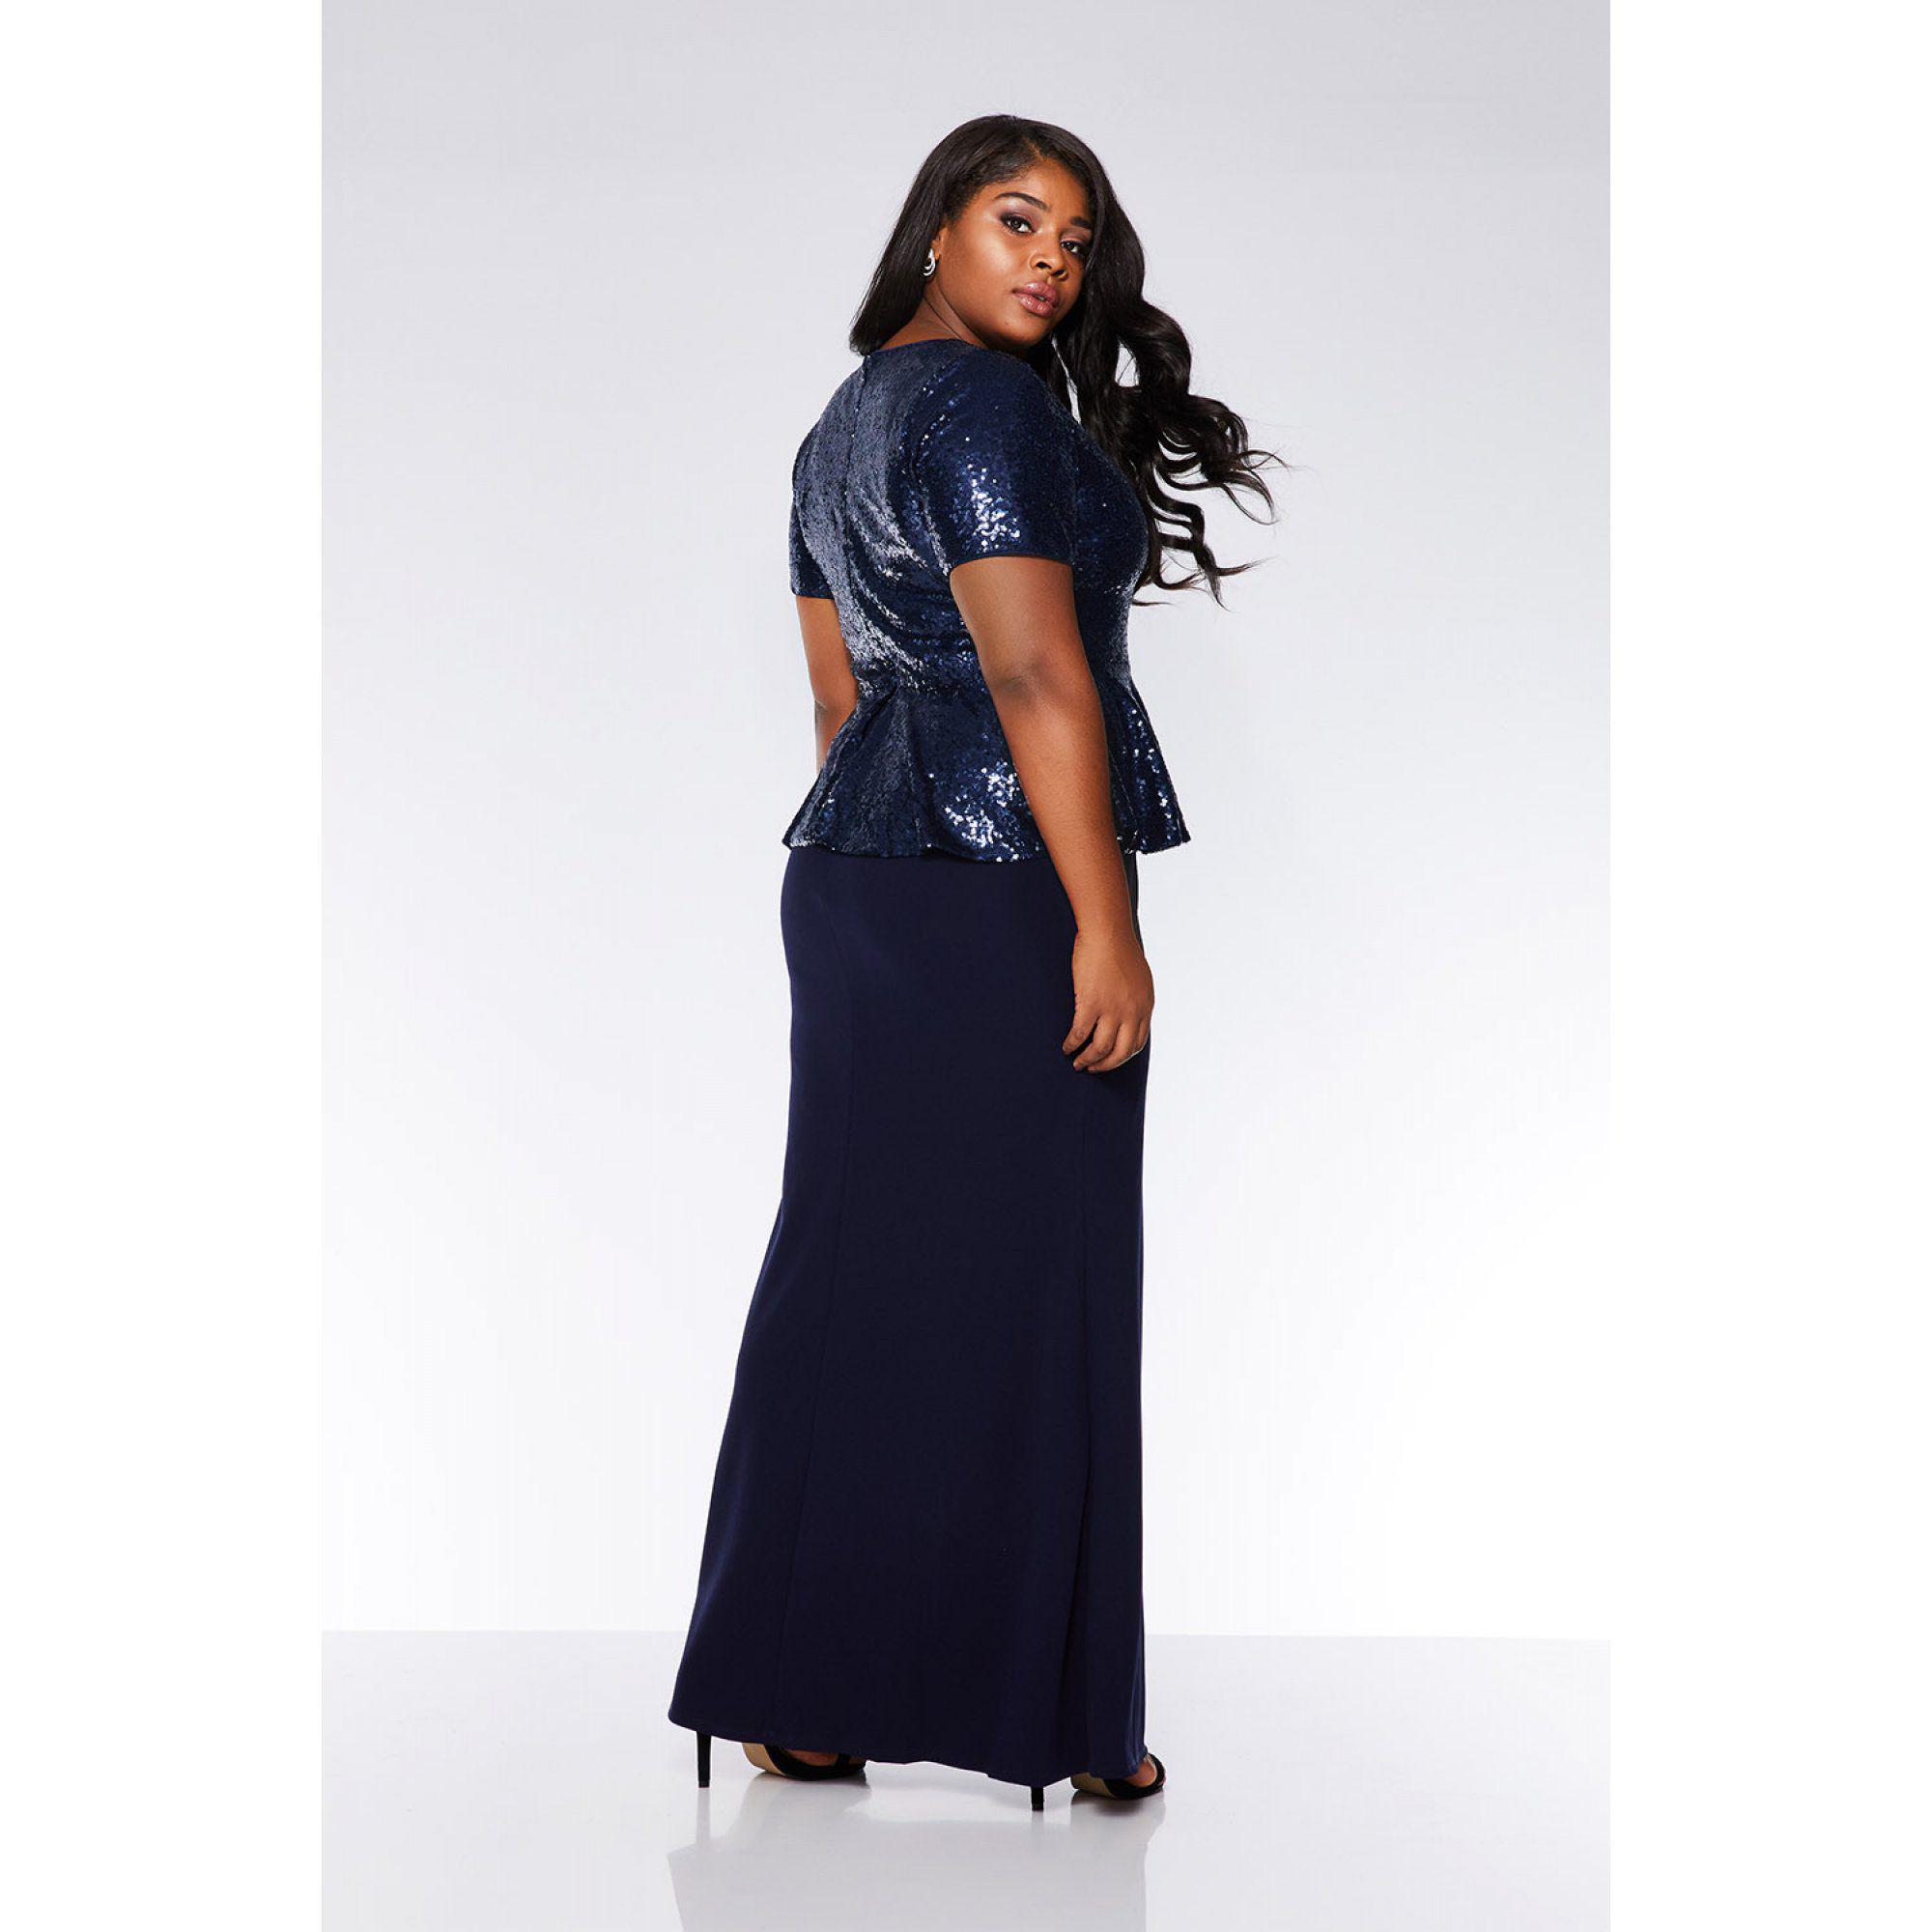 8fd6e2aa6864 Quiz - Blue Curve Navy Sequin Peplum Maxi Dress - Lyst. View fullscreen